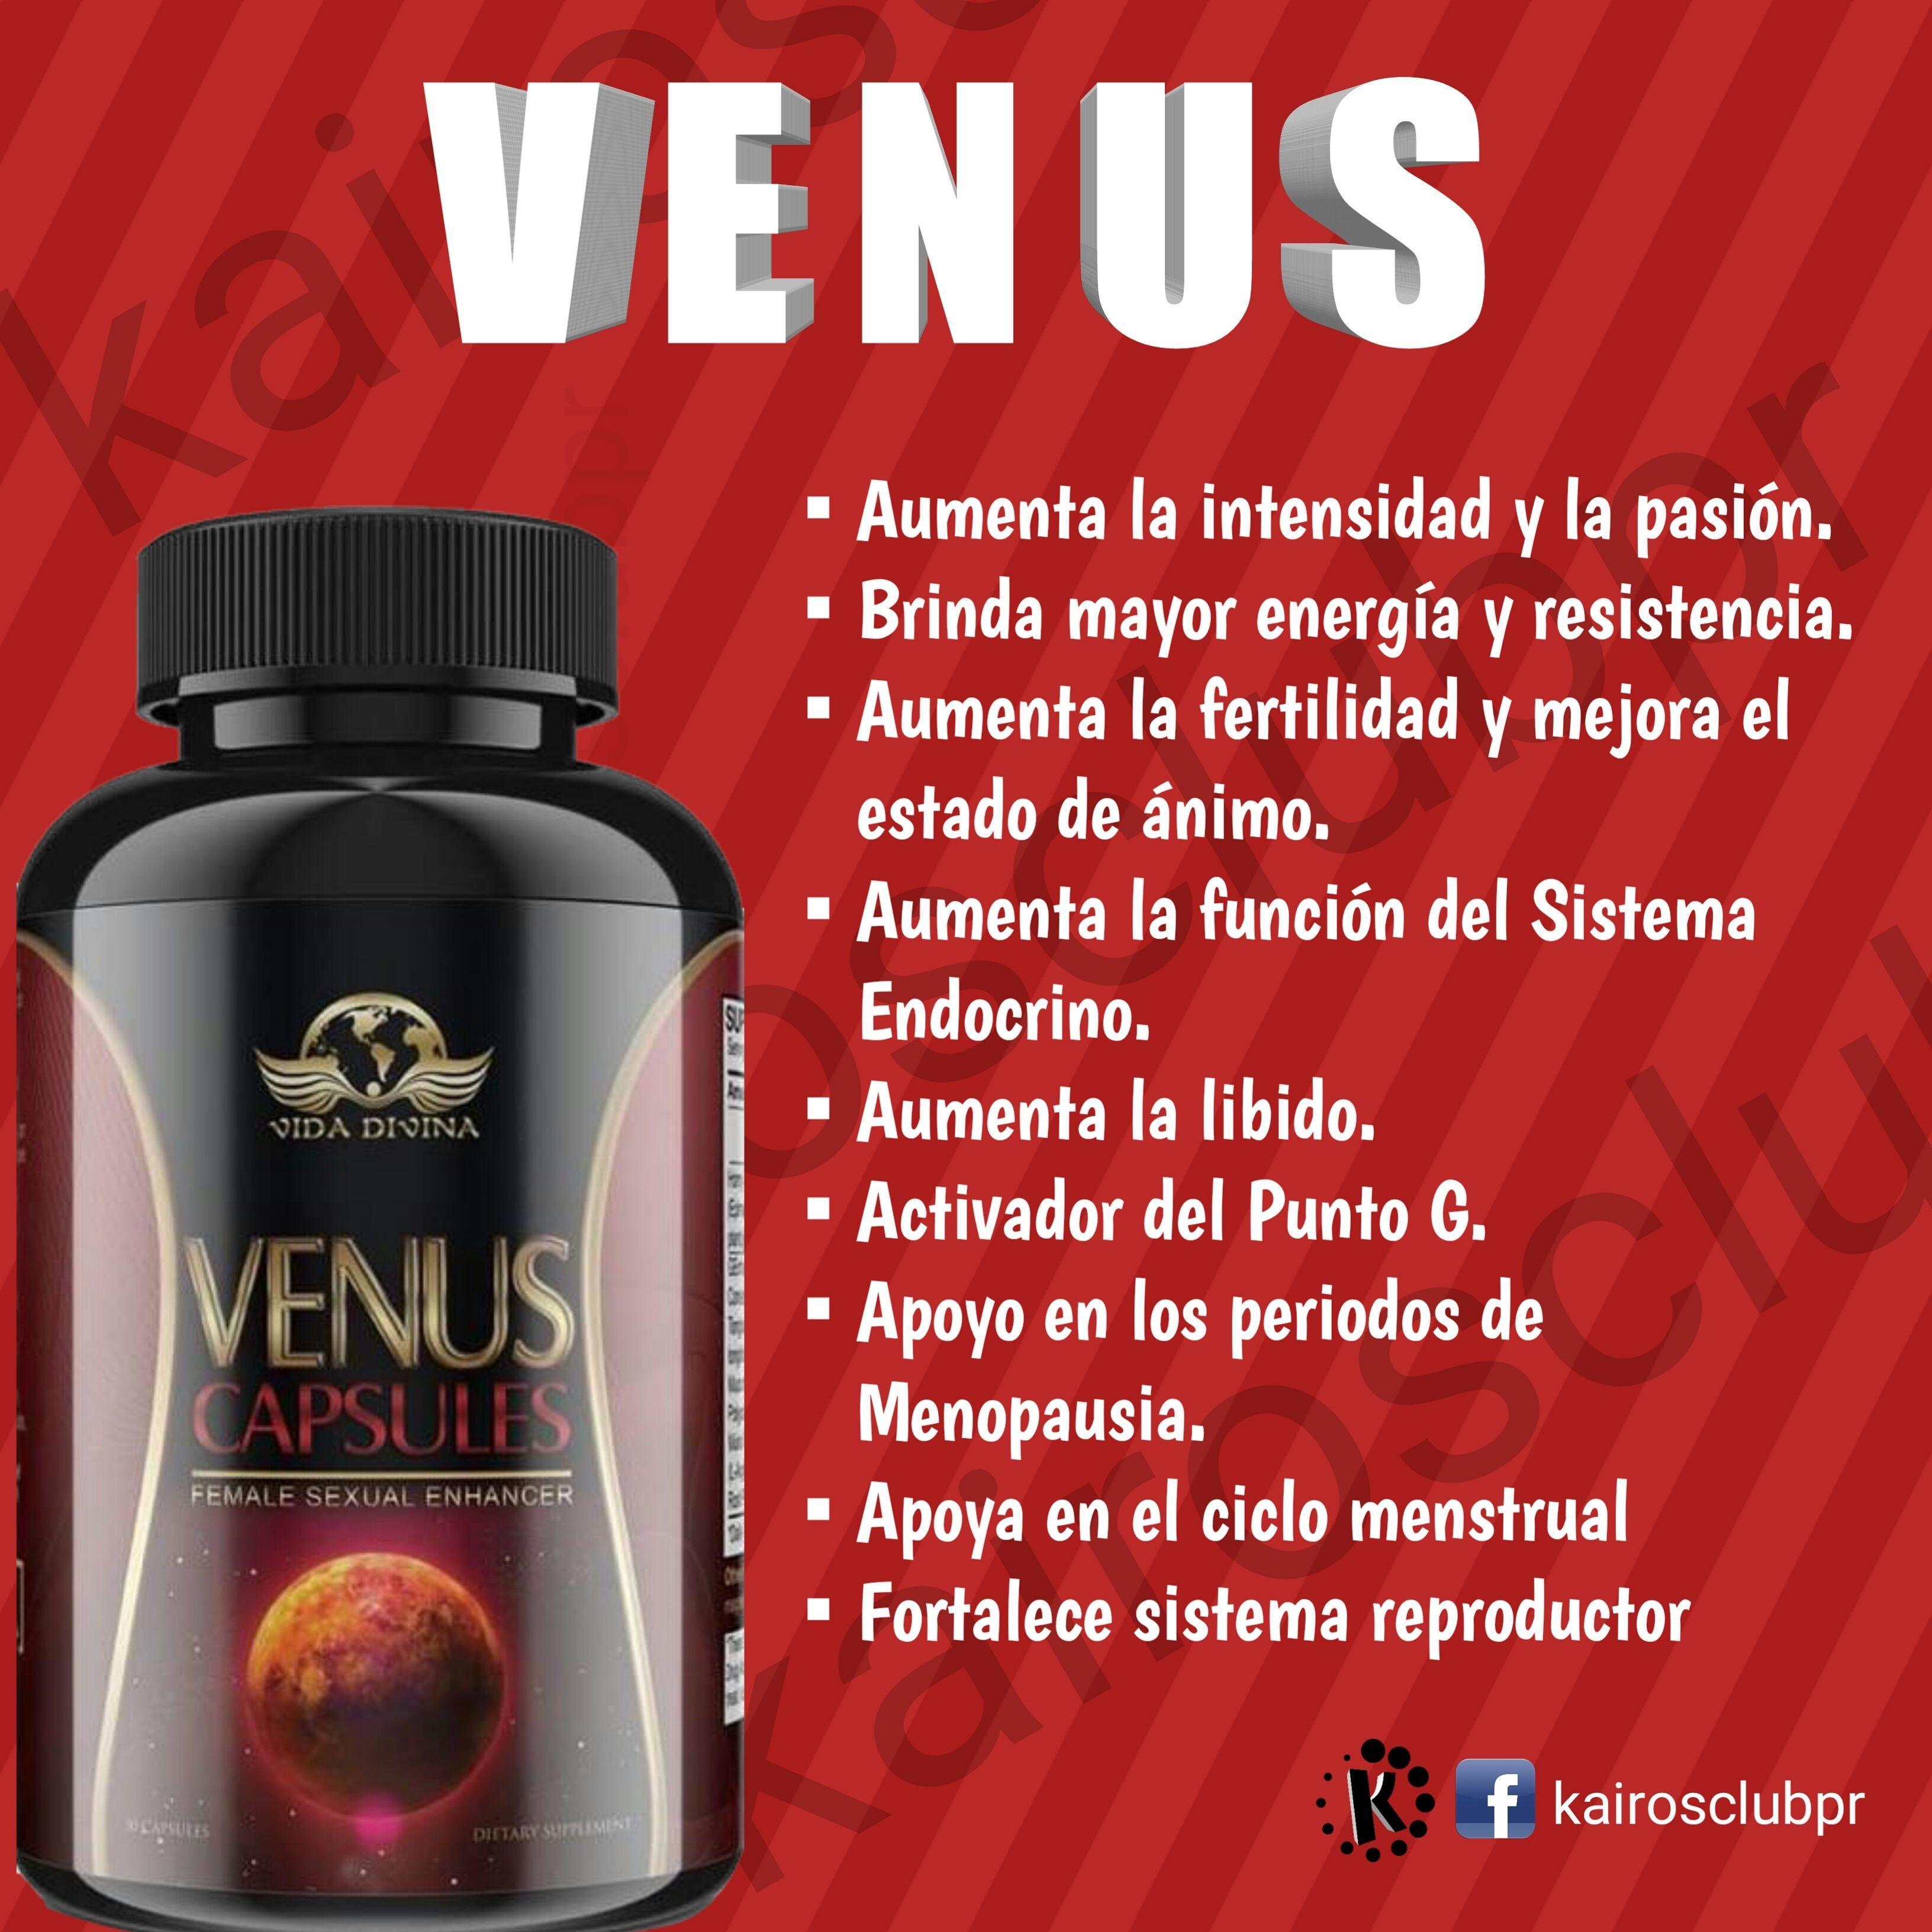 Venus Capsules Aumenta La Intensidad Y La Pasion Brinda